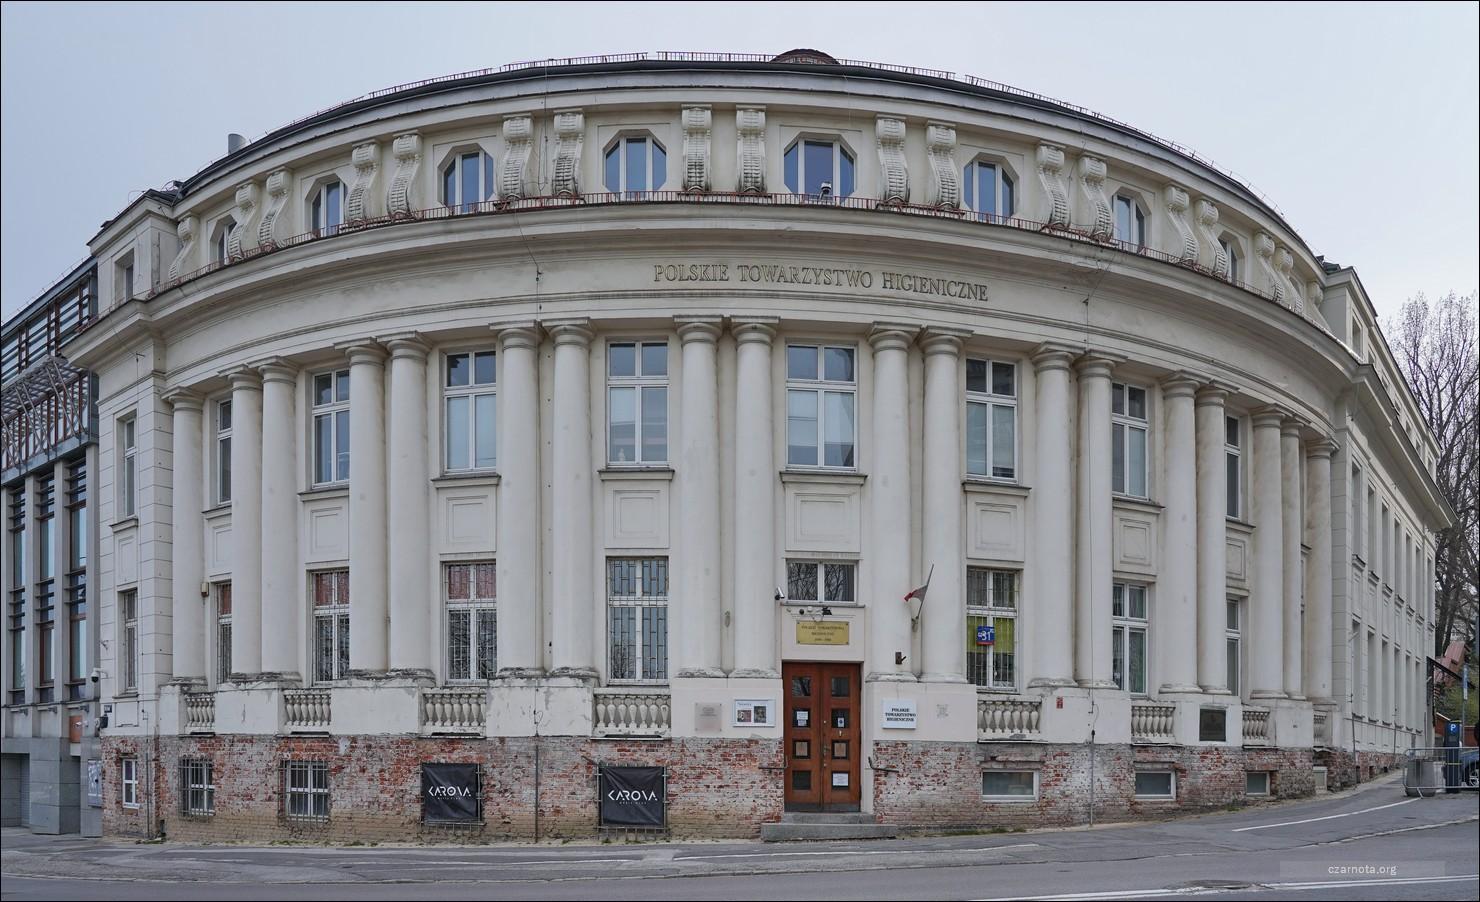 Warszawa, ul. Karowa 31, Polskie Towarzystwo Higieniczne